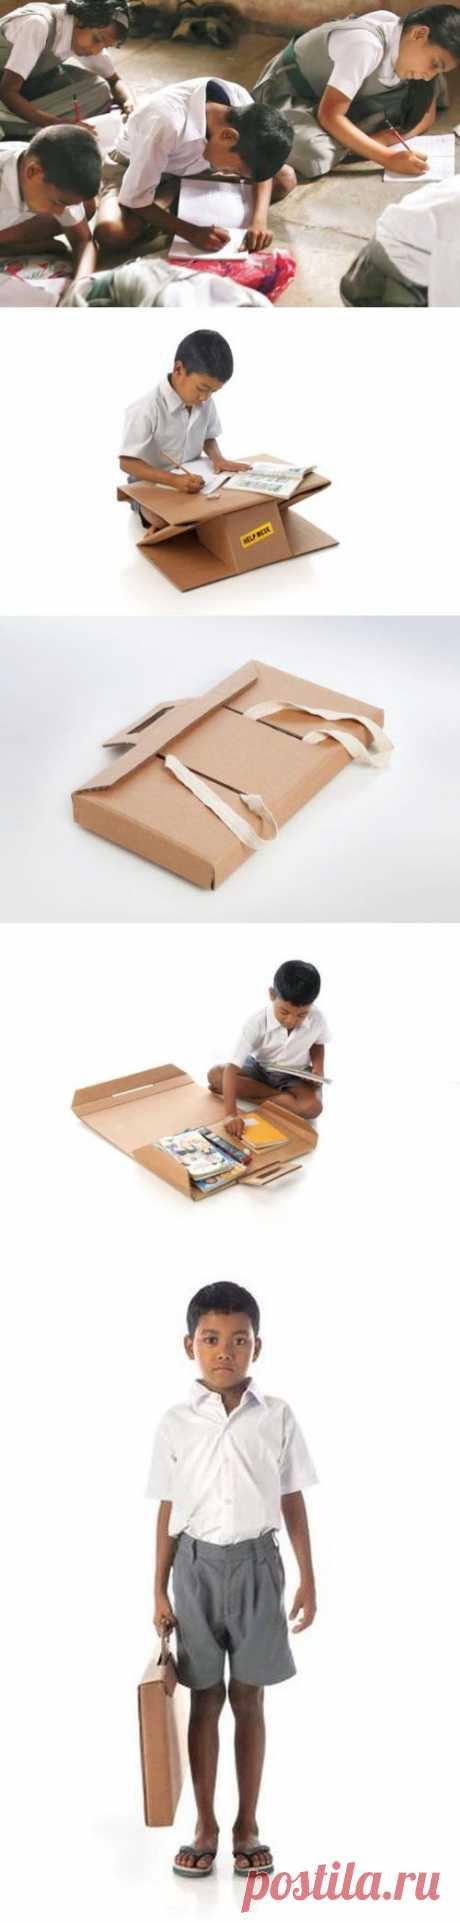 Портфель-парта для школьников из развивающихся стран.